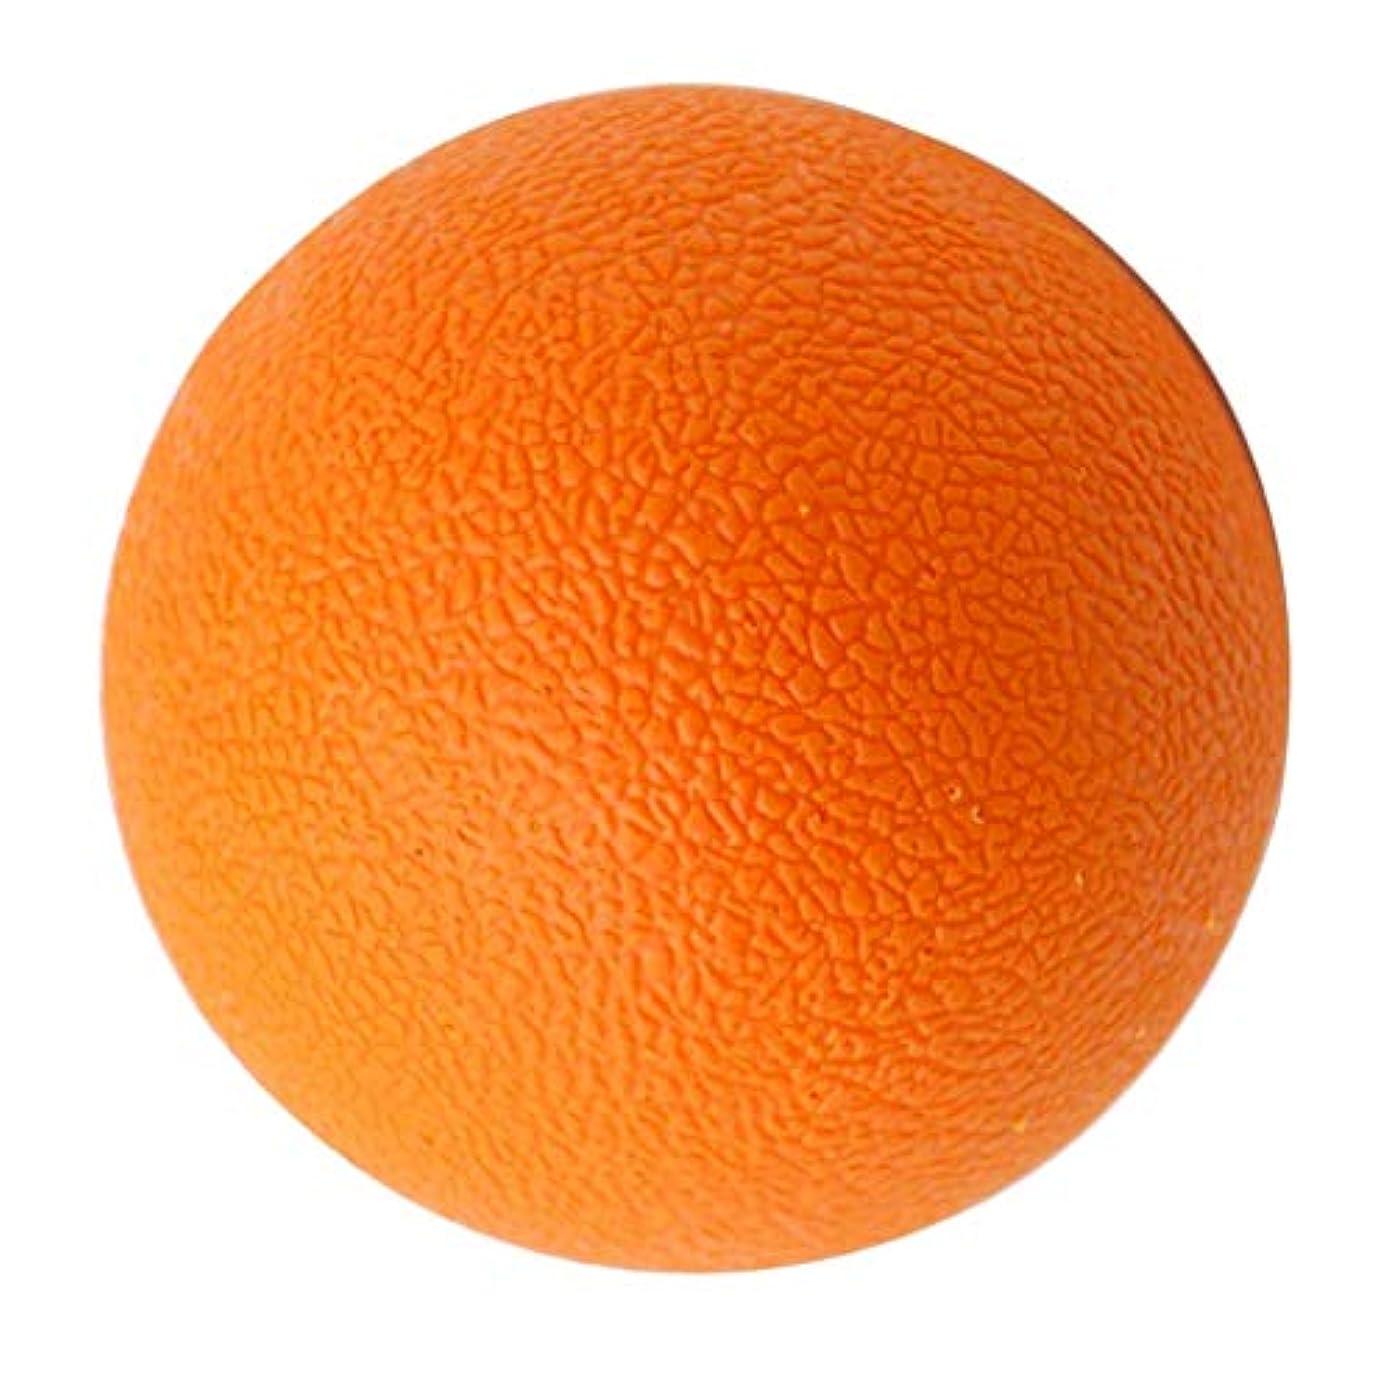 背が高い認知絶滅CUTICATE ラクロスボール マッサージボール トリガーポイント 筋膜リリース 腕、首、背中 解消 オレンジ